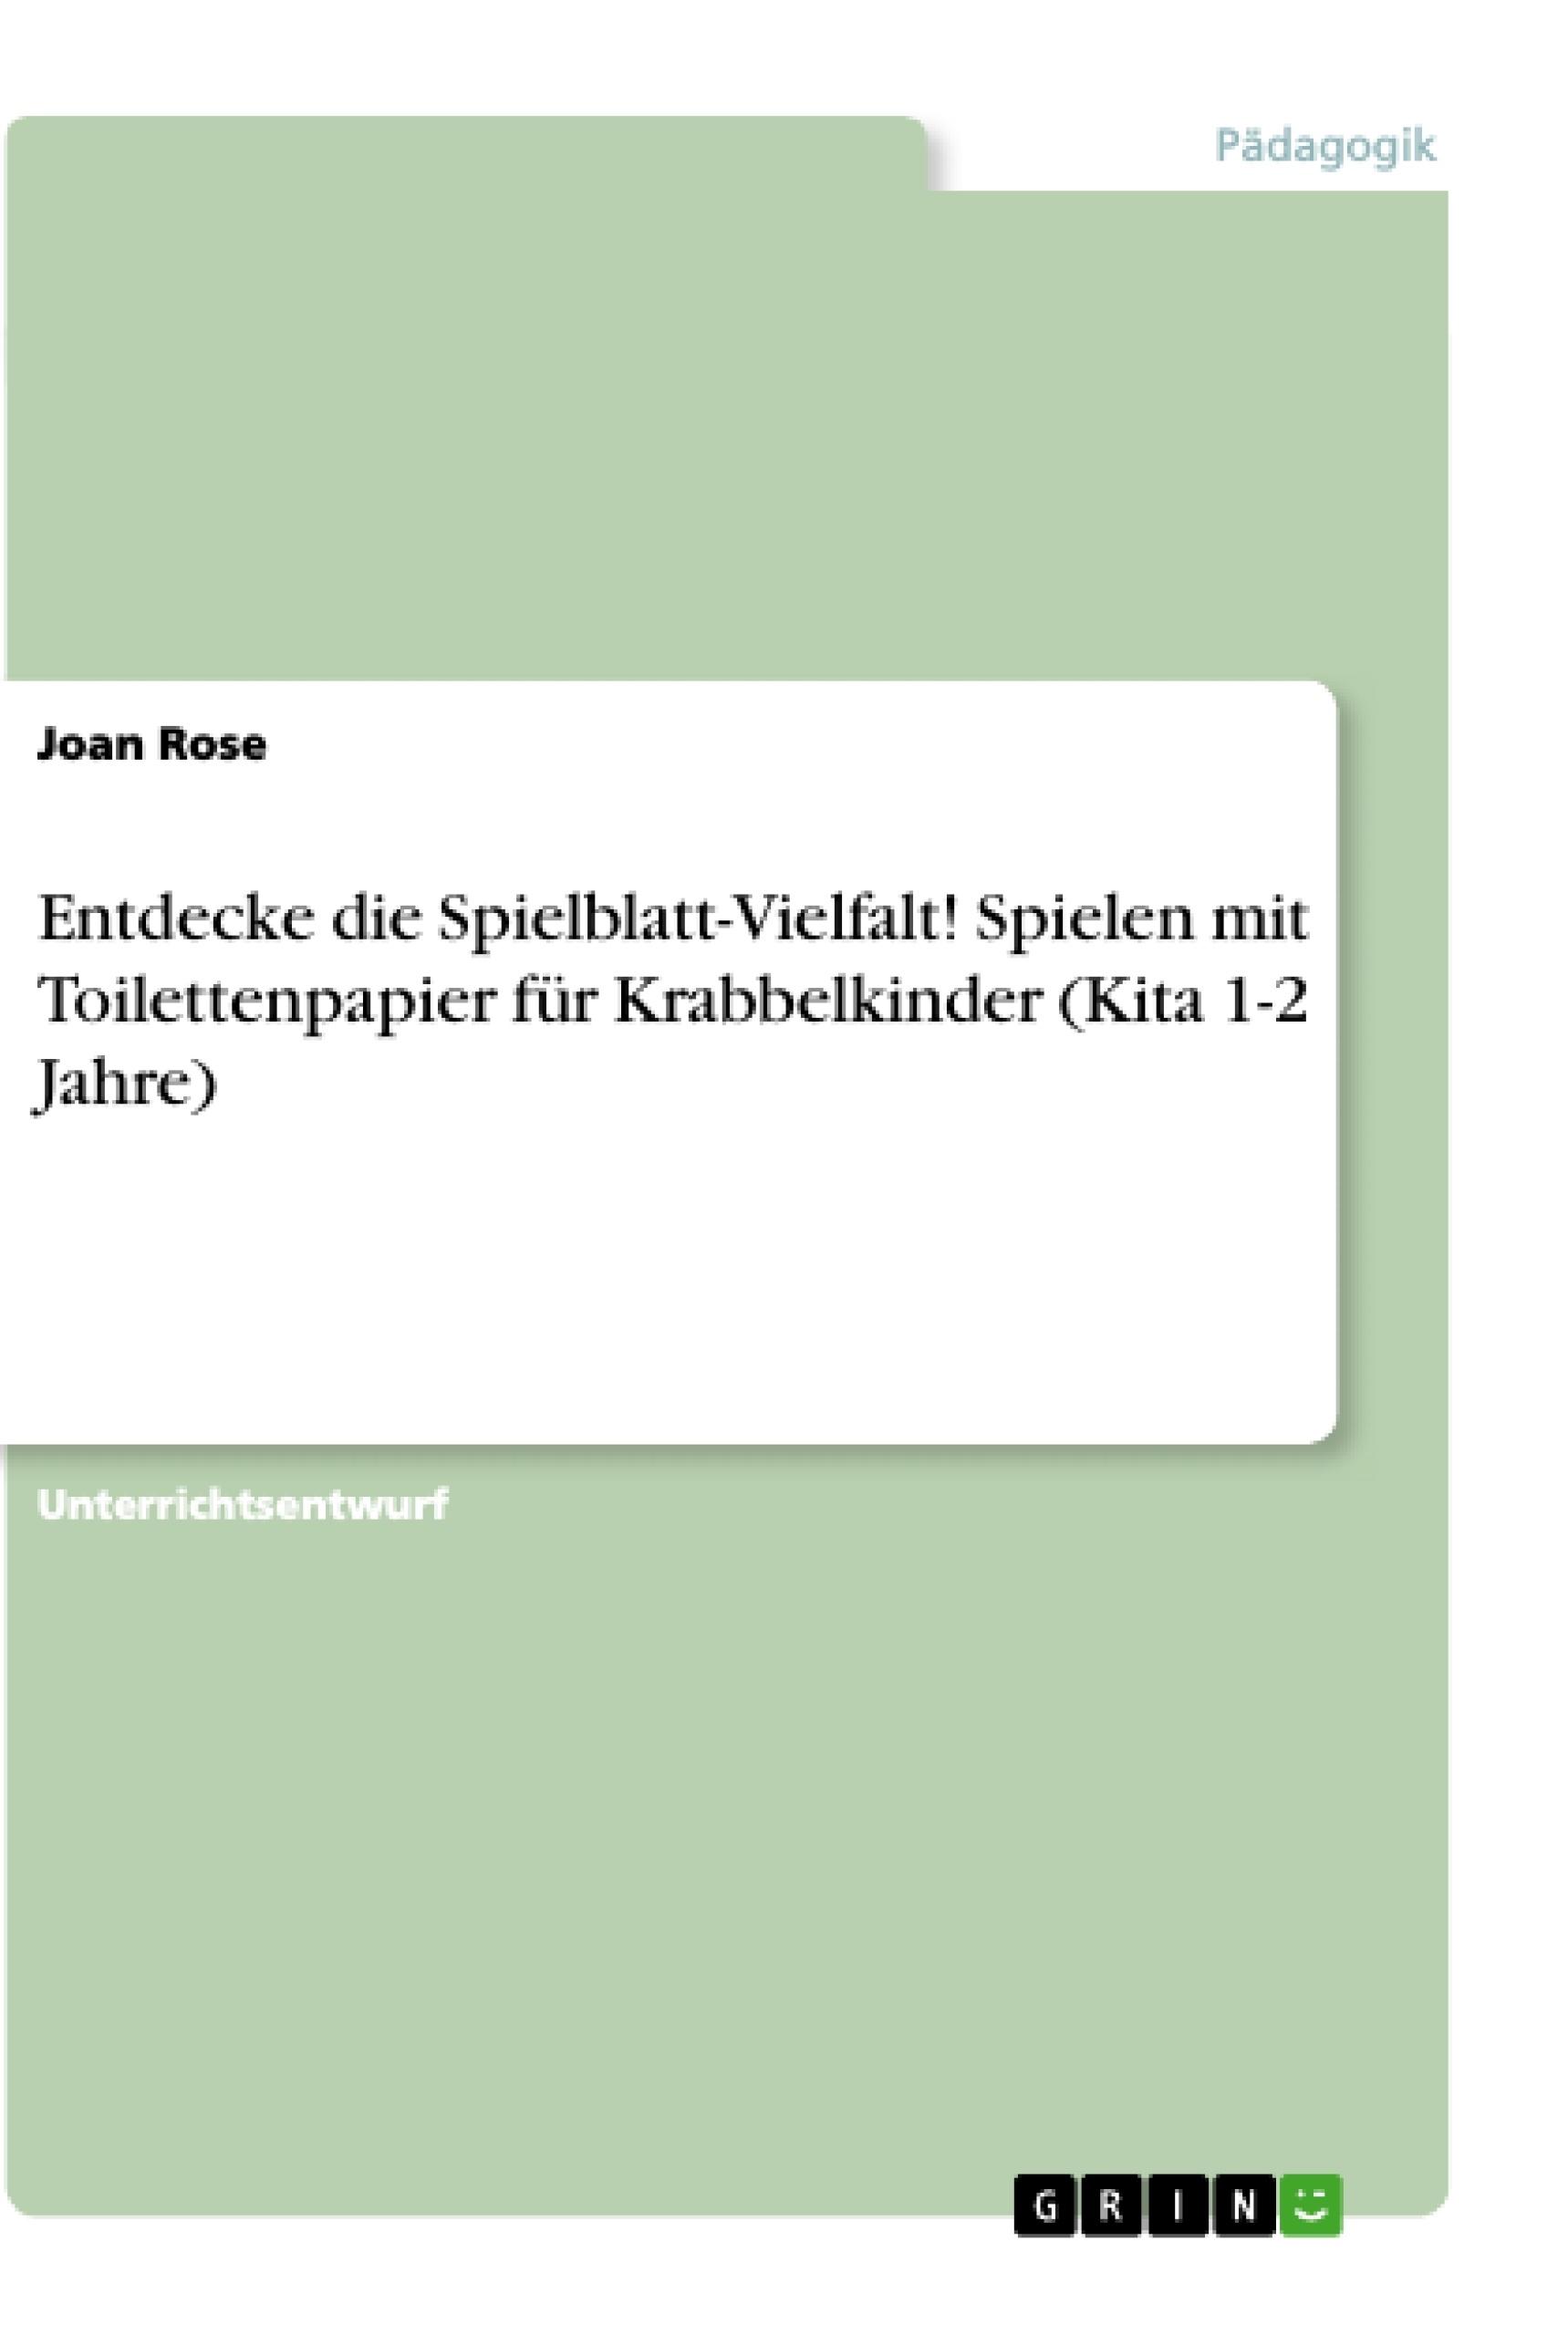 Titel: Entdecke die Spielblatt-Vielfalt! Spielen mit Toilettenpapier für Krabbelkinder (Kita 1-2 Jahre)